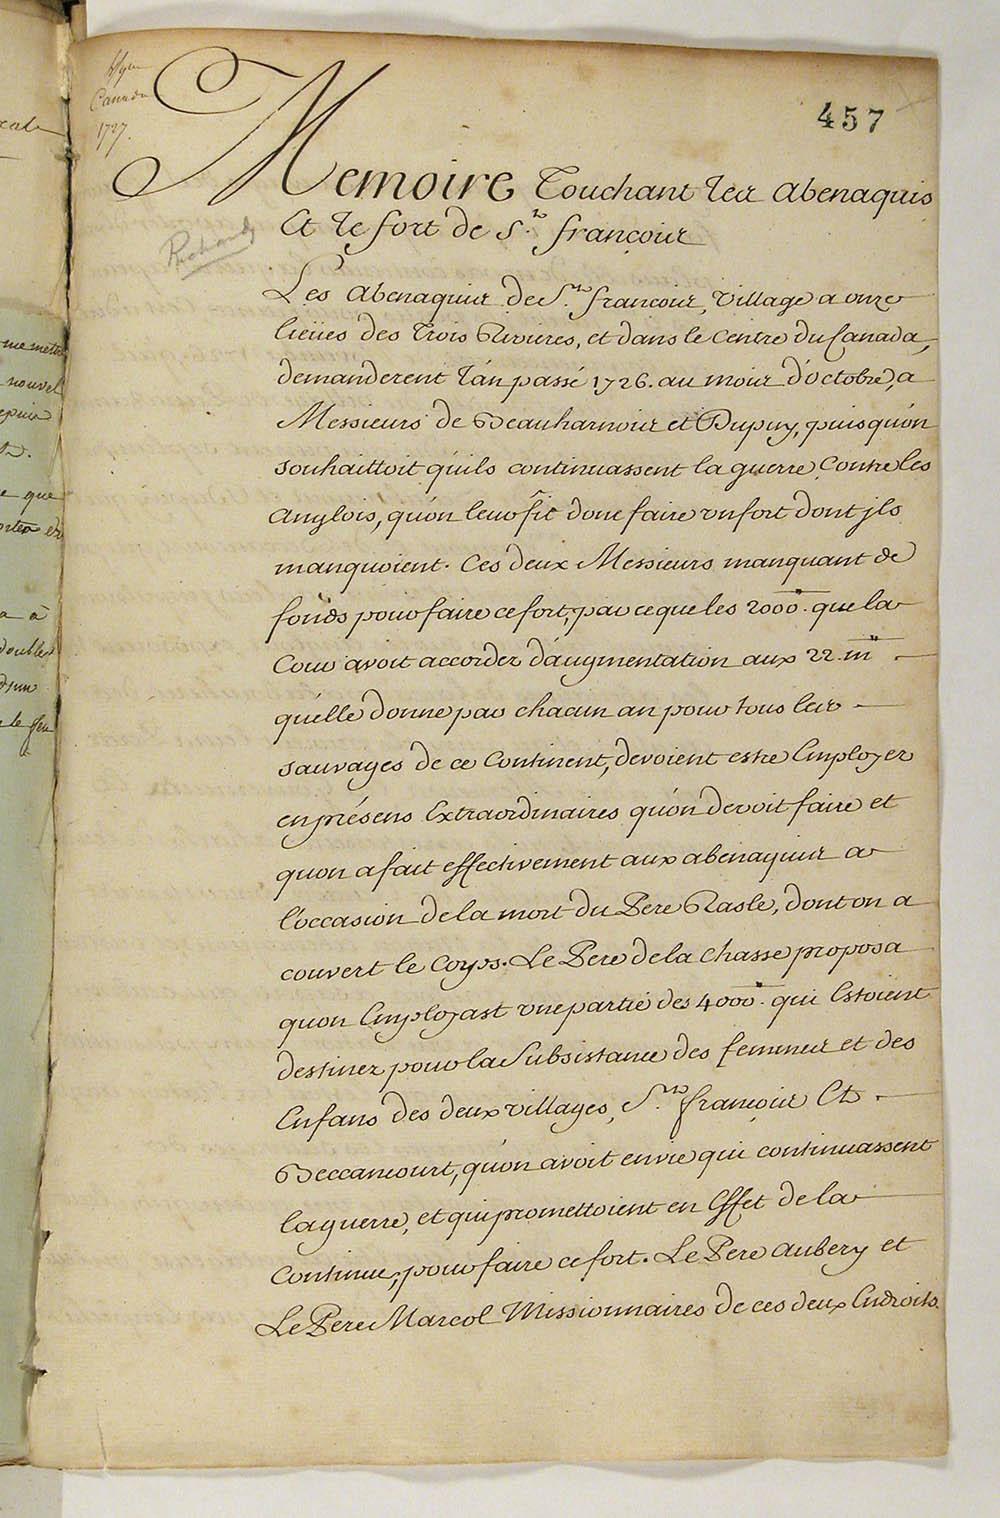 Mémoire concernant les Abénaquis et la guerre contre les Anglais, 1727. FR CAOM COL F3 2 fol. 457-459vo